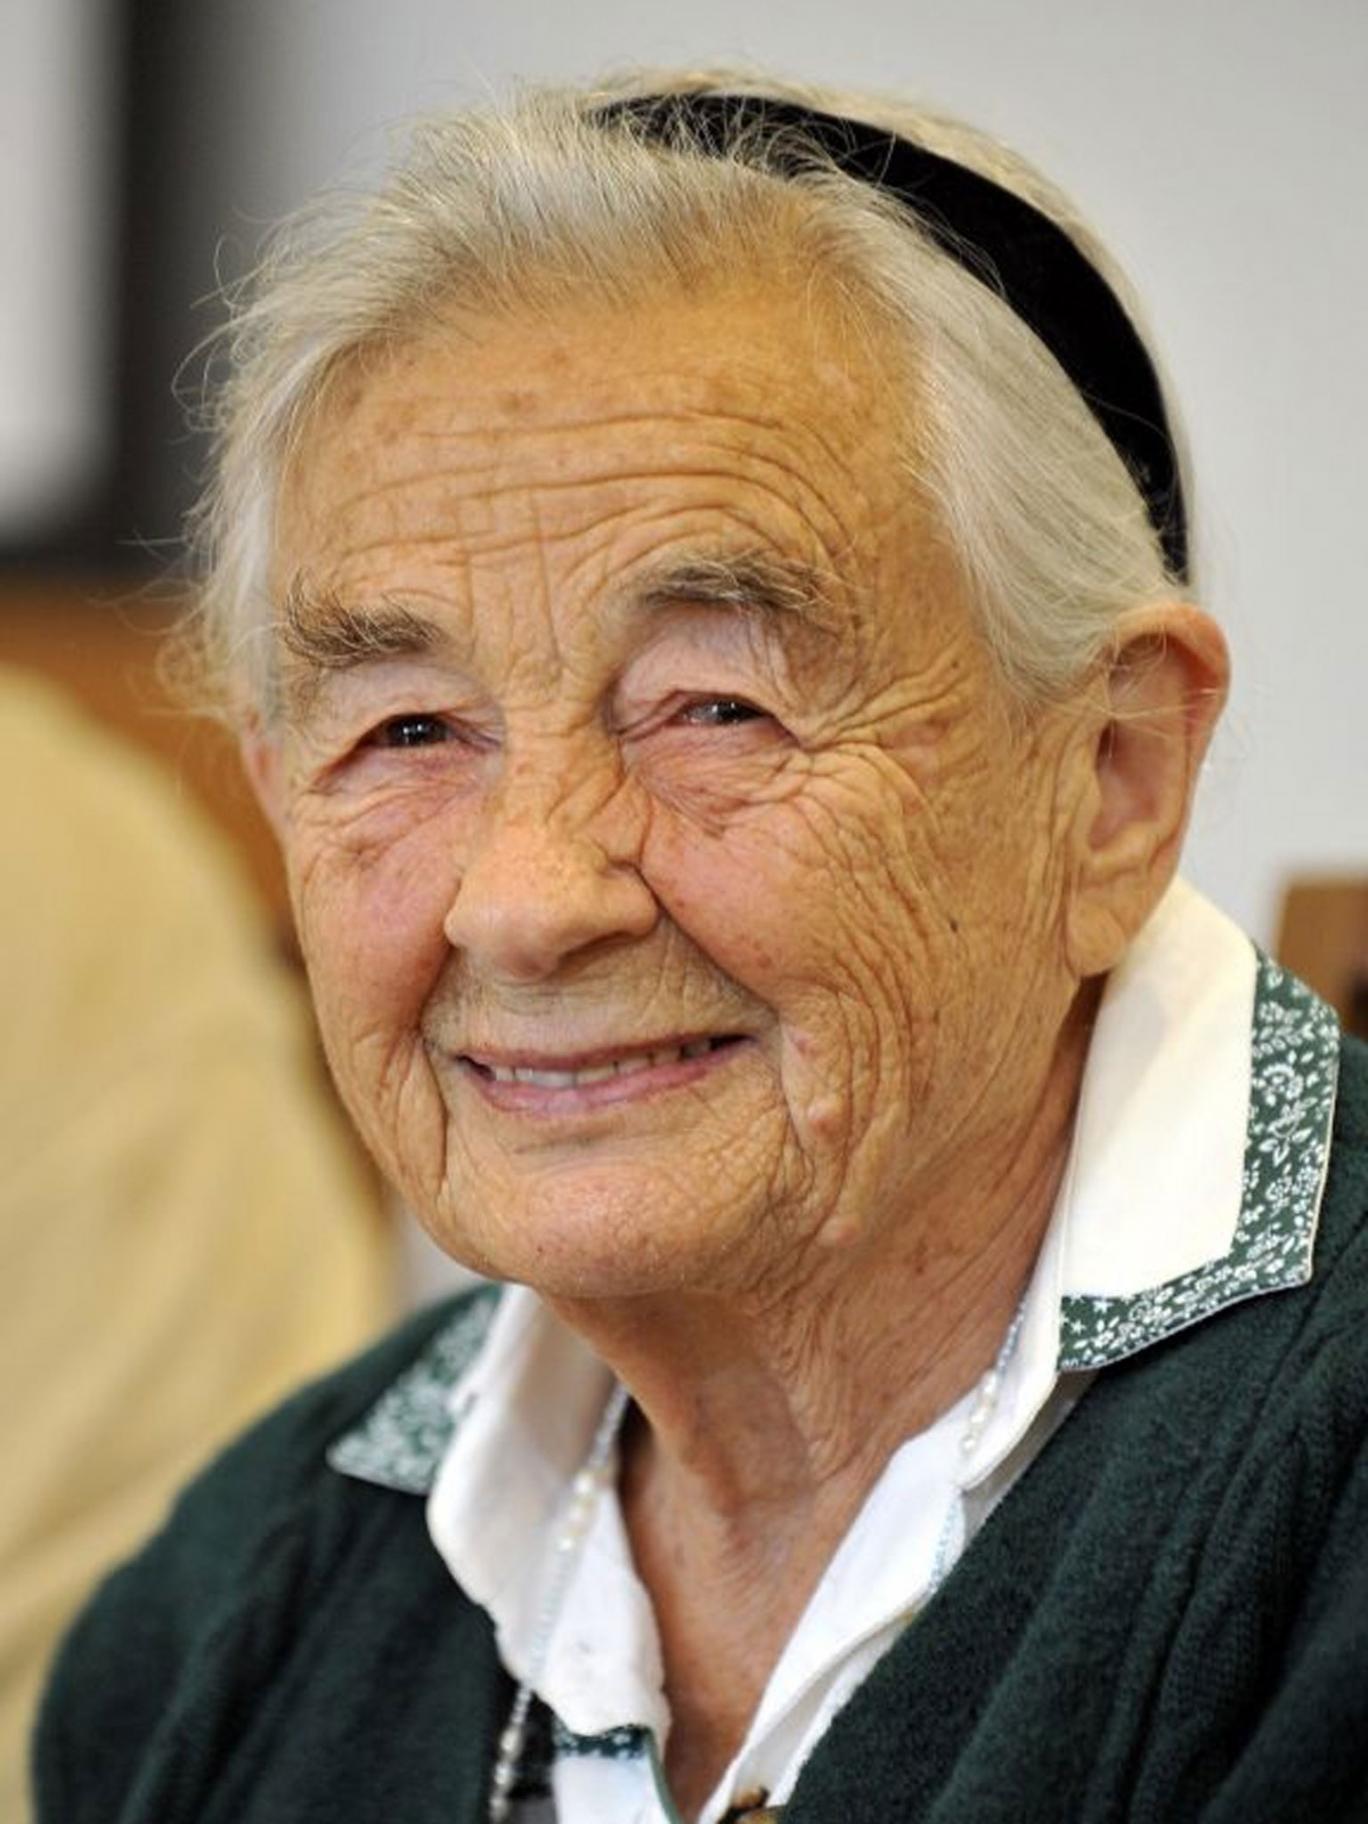 Maria von Trapp died at her home in Vermont, aged 99